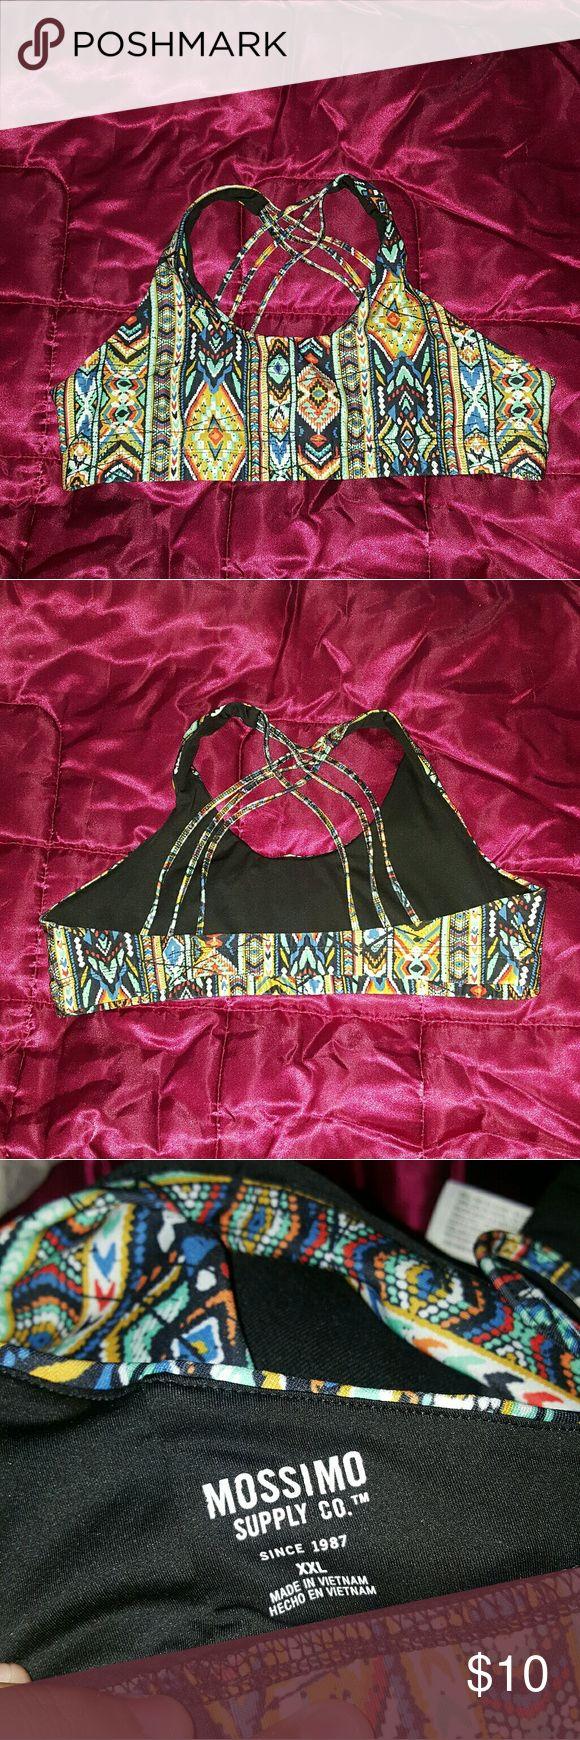 2x sports bra Aztec design. Like new. True to size Mossimo Supply Co. Intimates & Sleepwear Bras